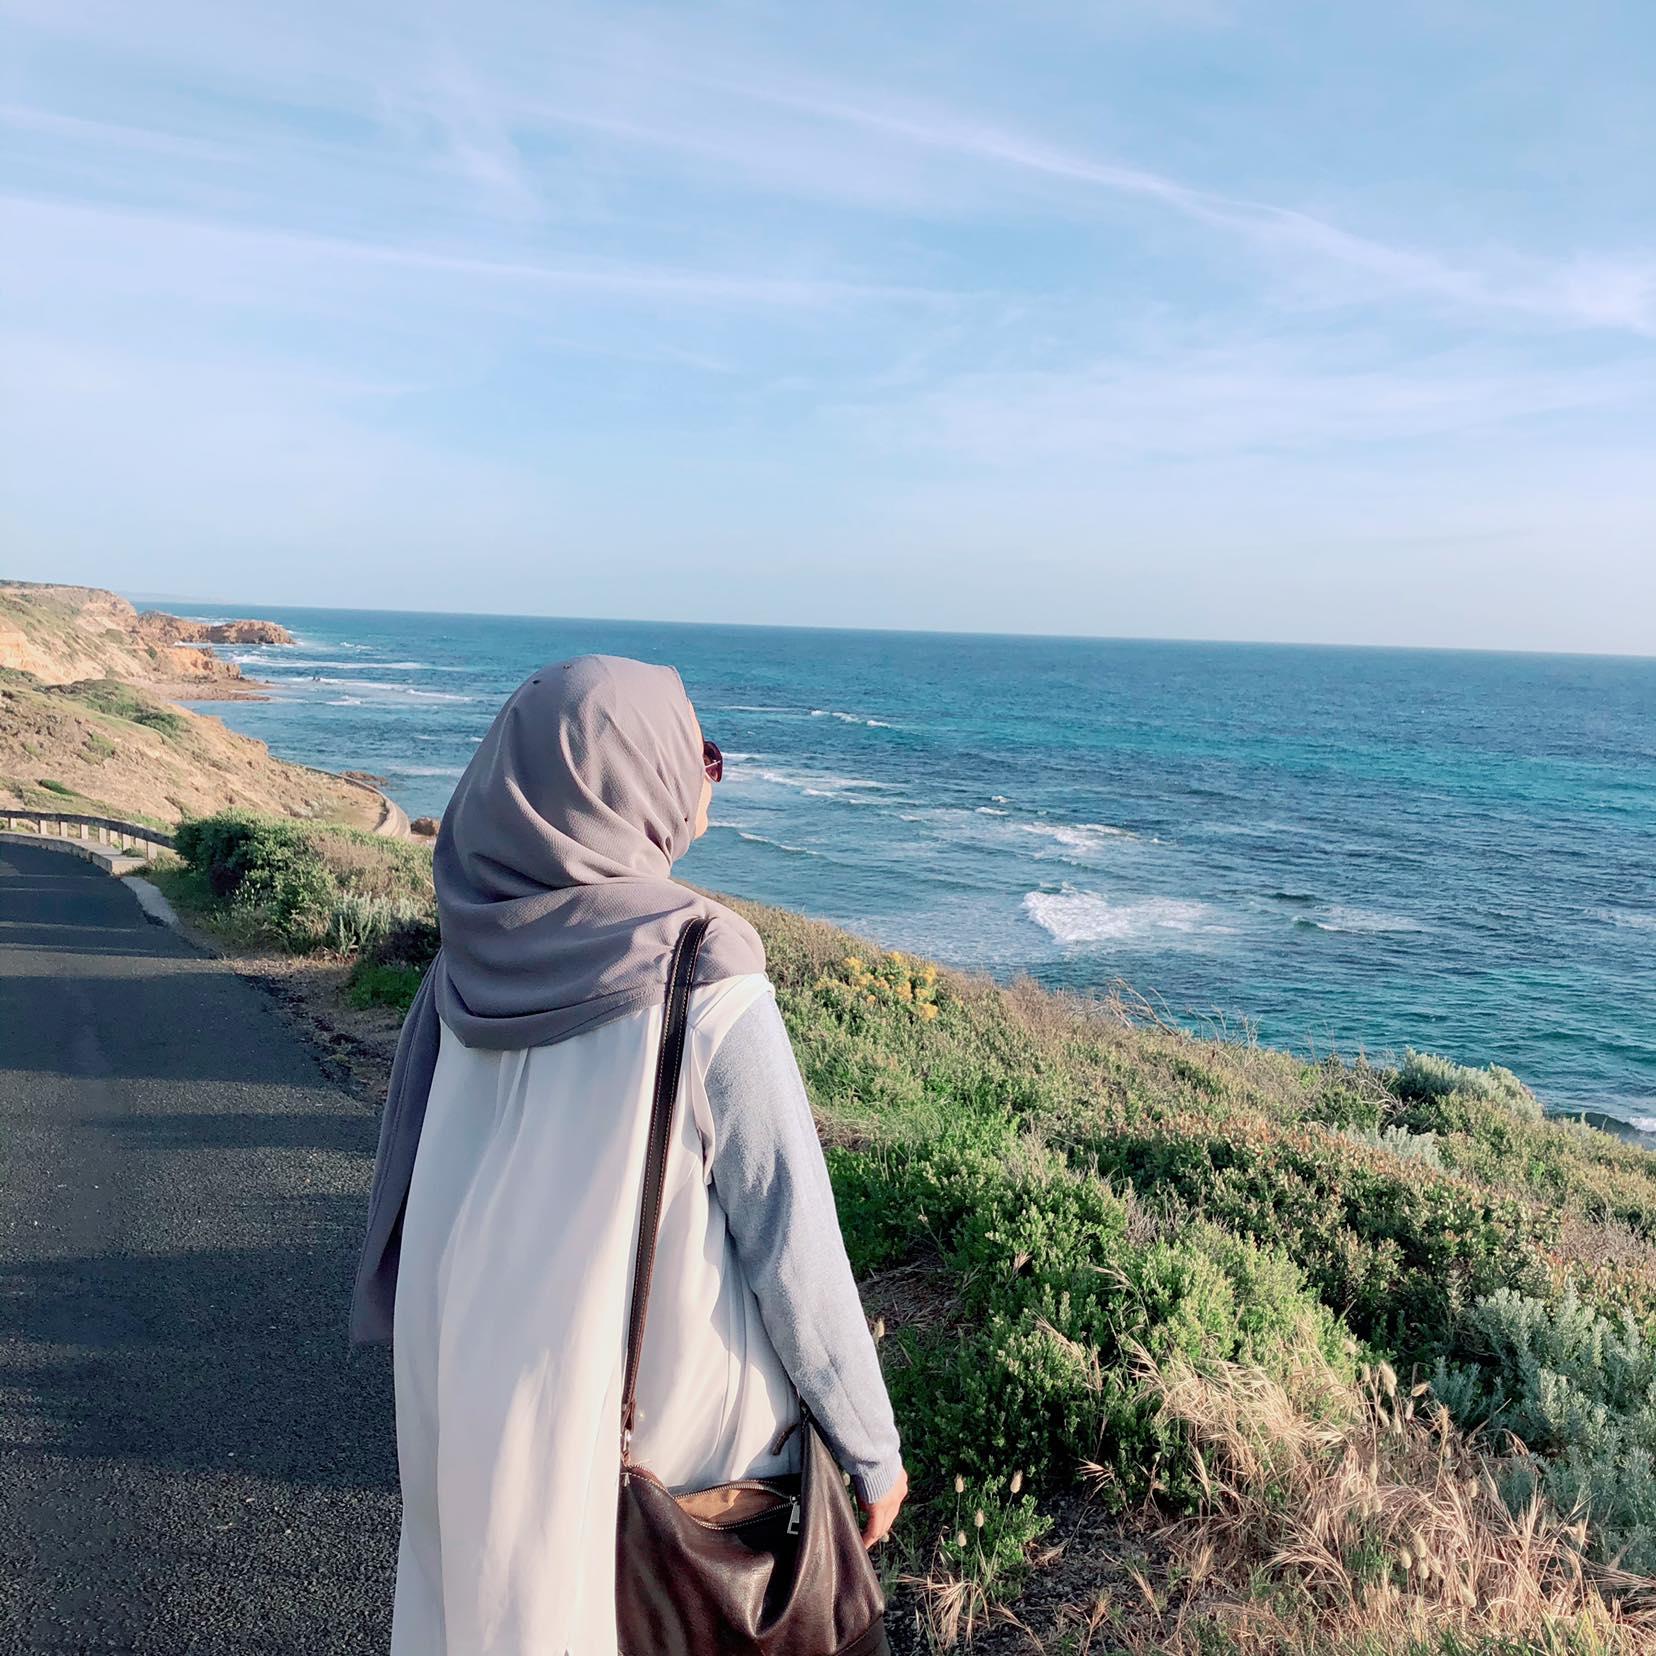 Nadia Afiqah Hamdan